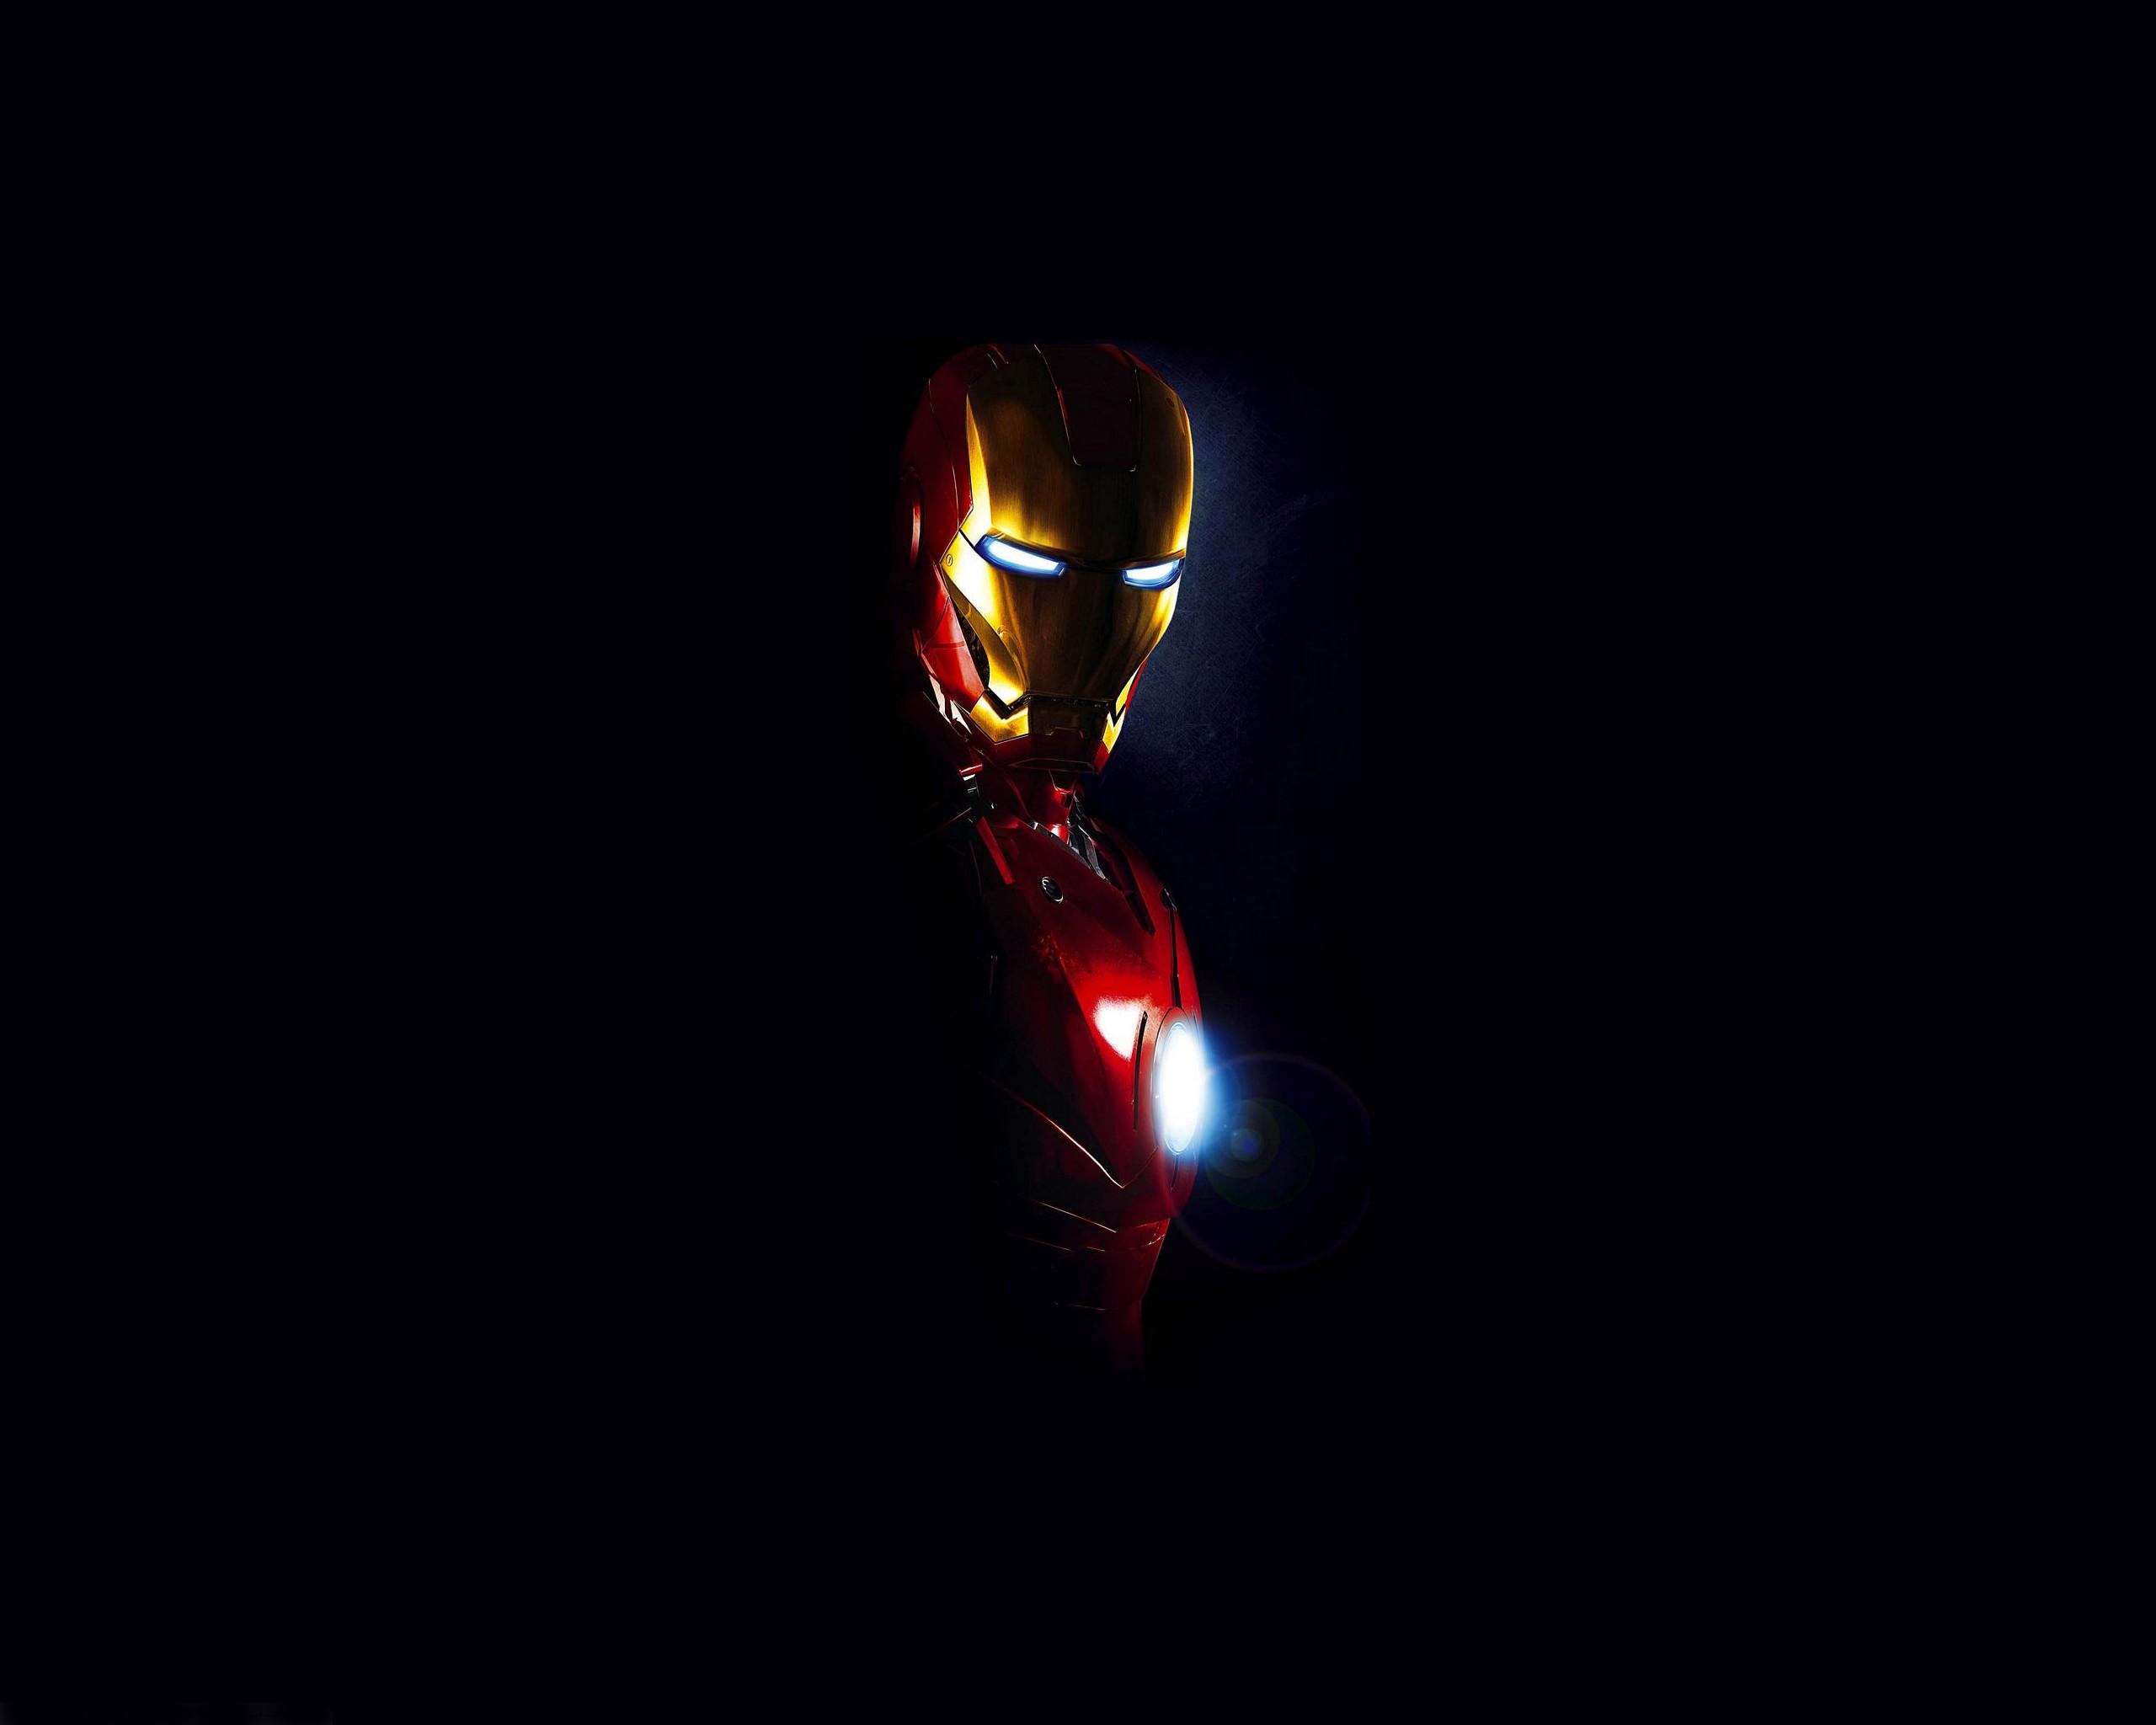 Iron Man 3 Dark Face Wallpaper HD Wallpapers Desktop Wallpapers 3D